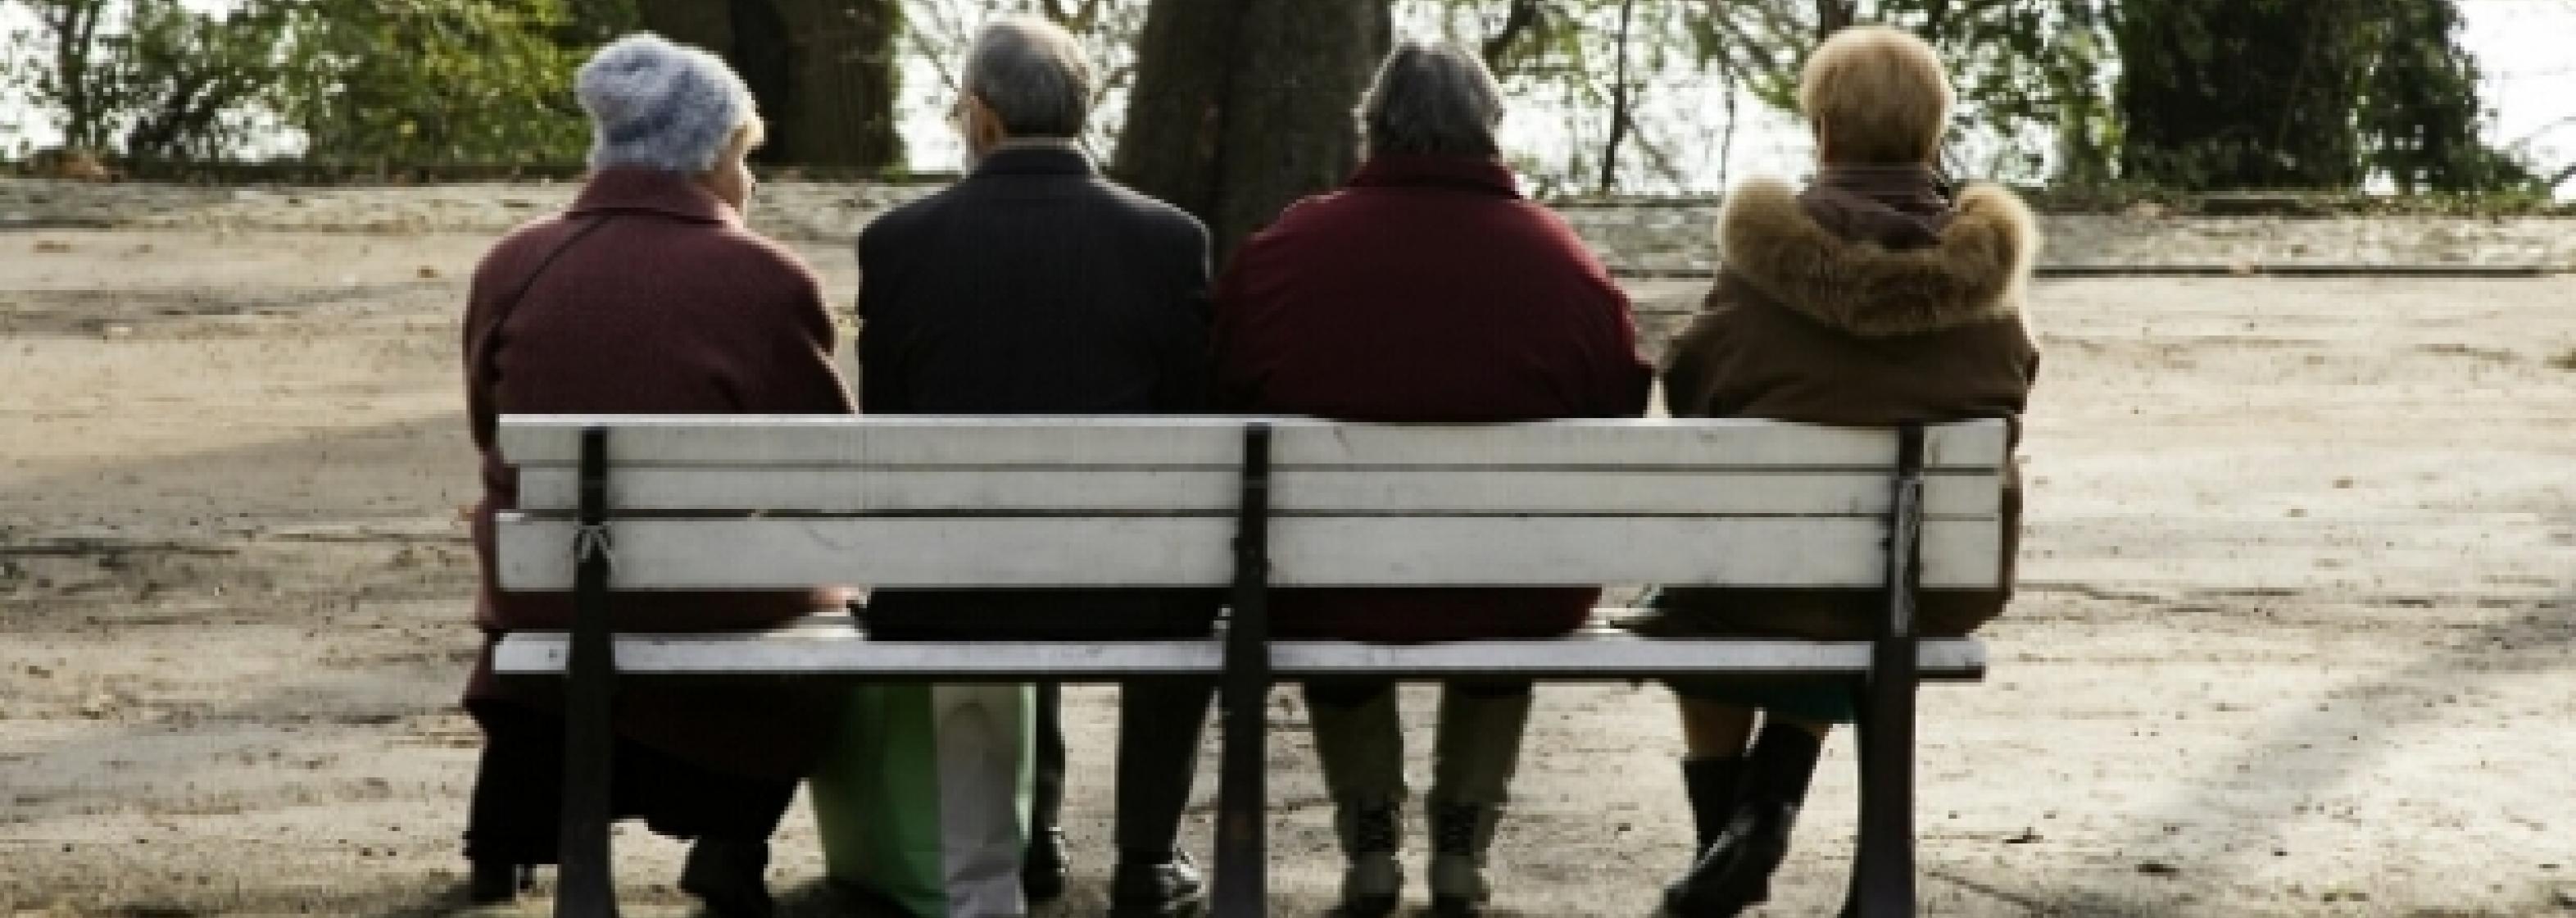 Alte Menschen auf Bank